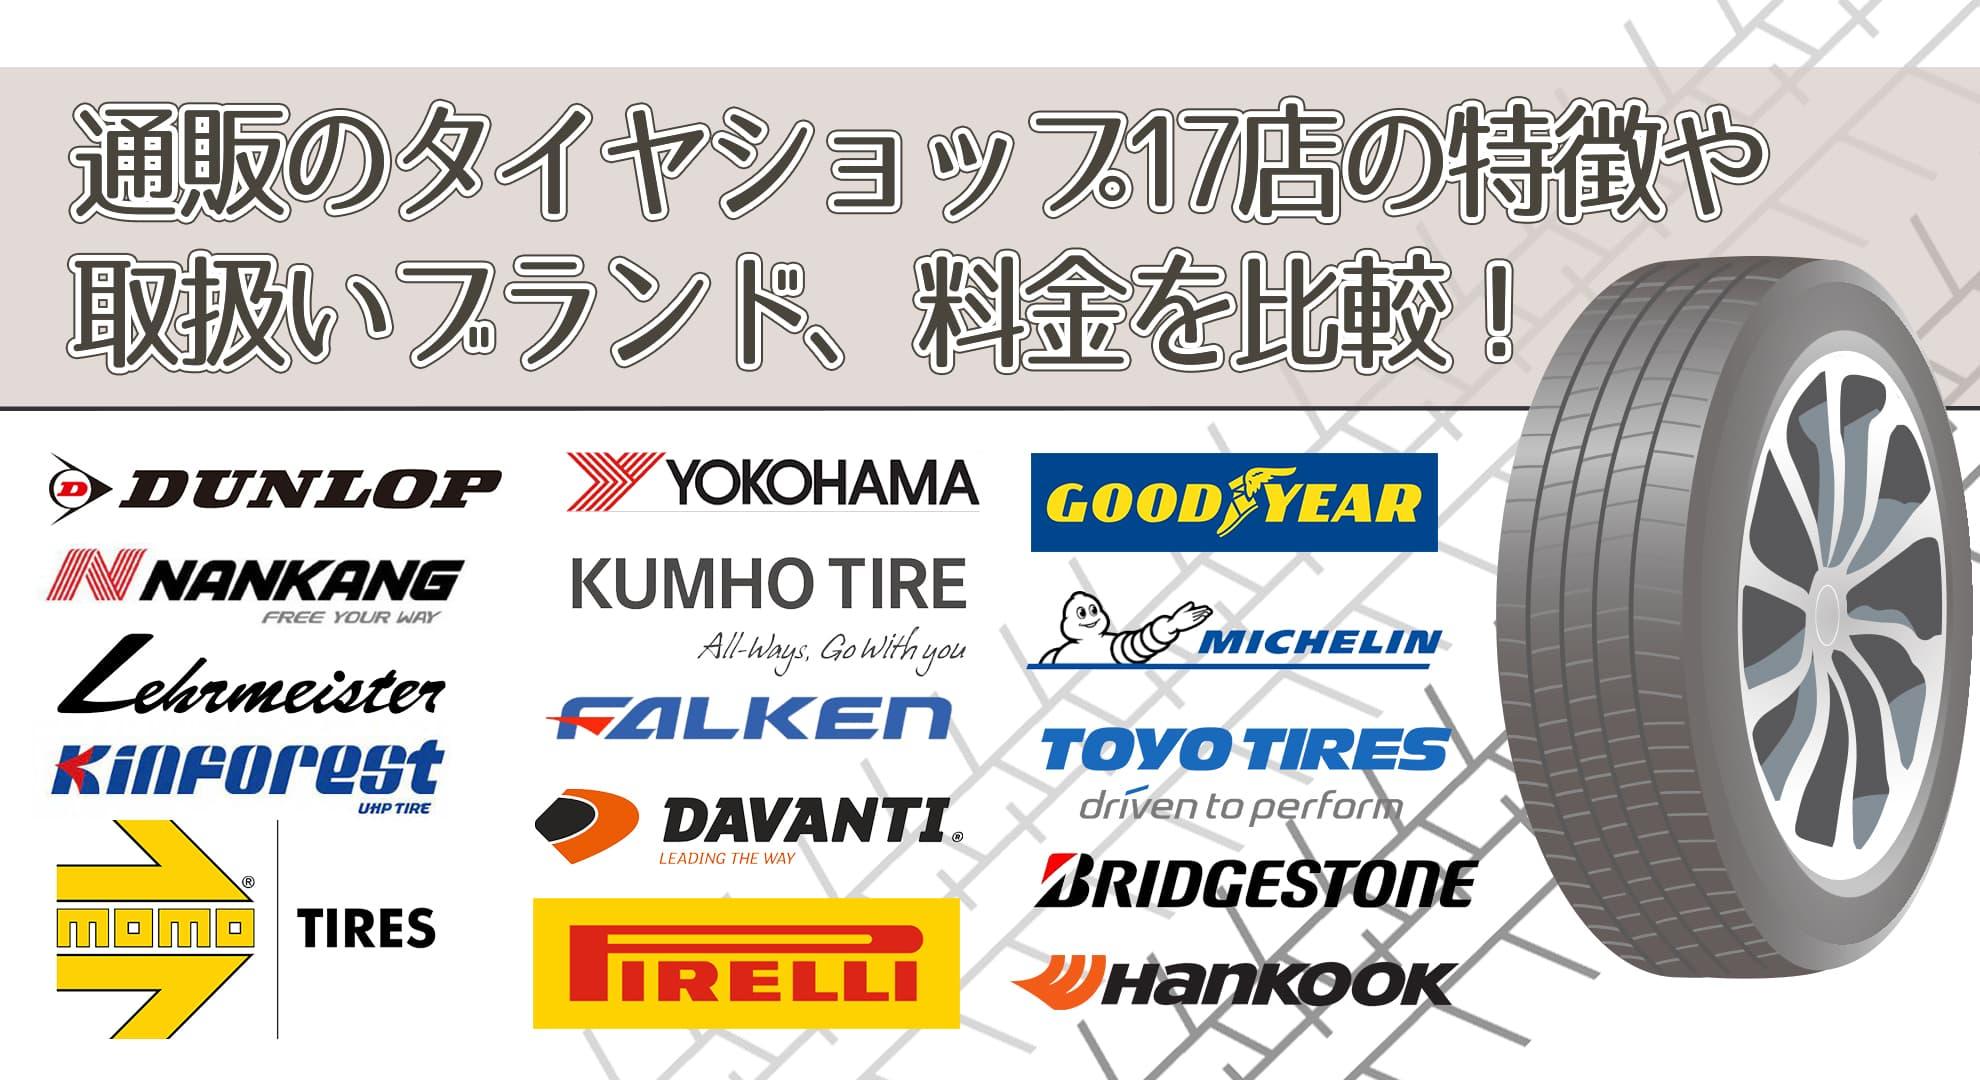 タイヤ通販17店を比較 各ショップの特徴や取扱いブランド、料金を調査